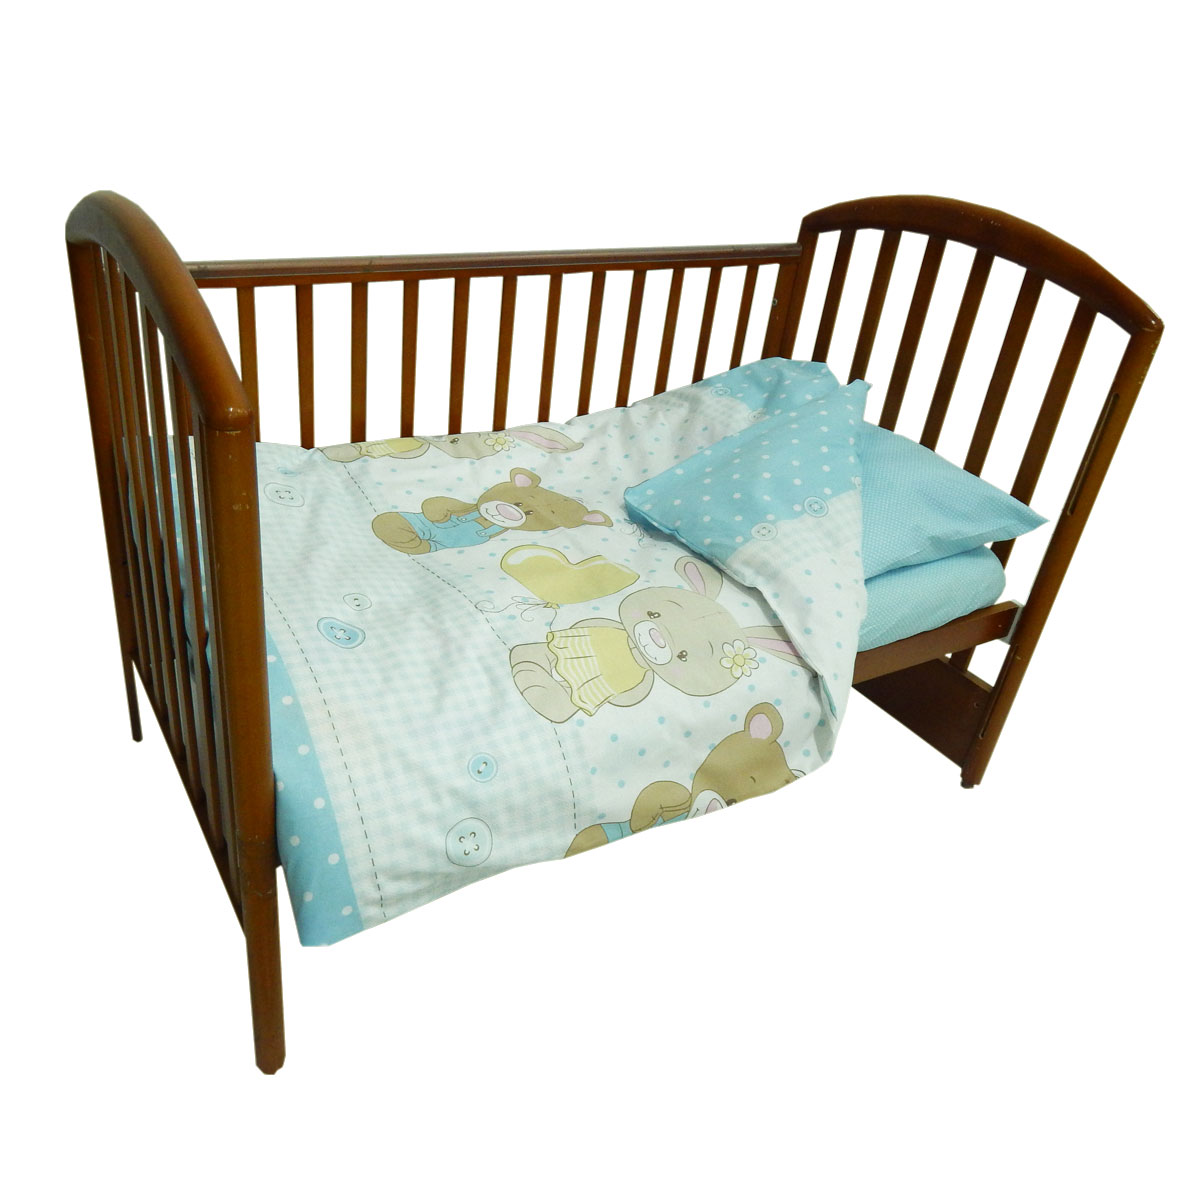 Детское постельное белье Папитто 147*112 простыня на резинке Друзья голубой 6047